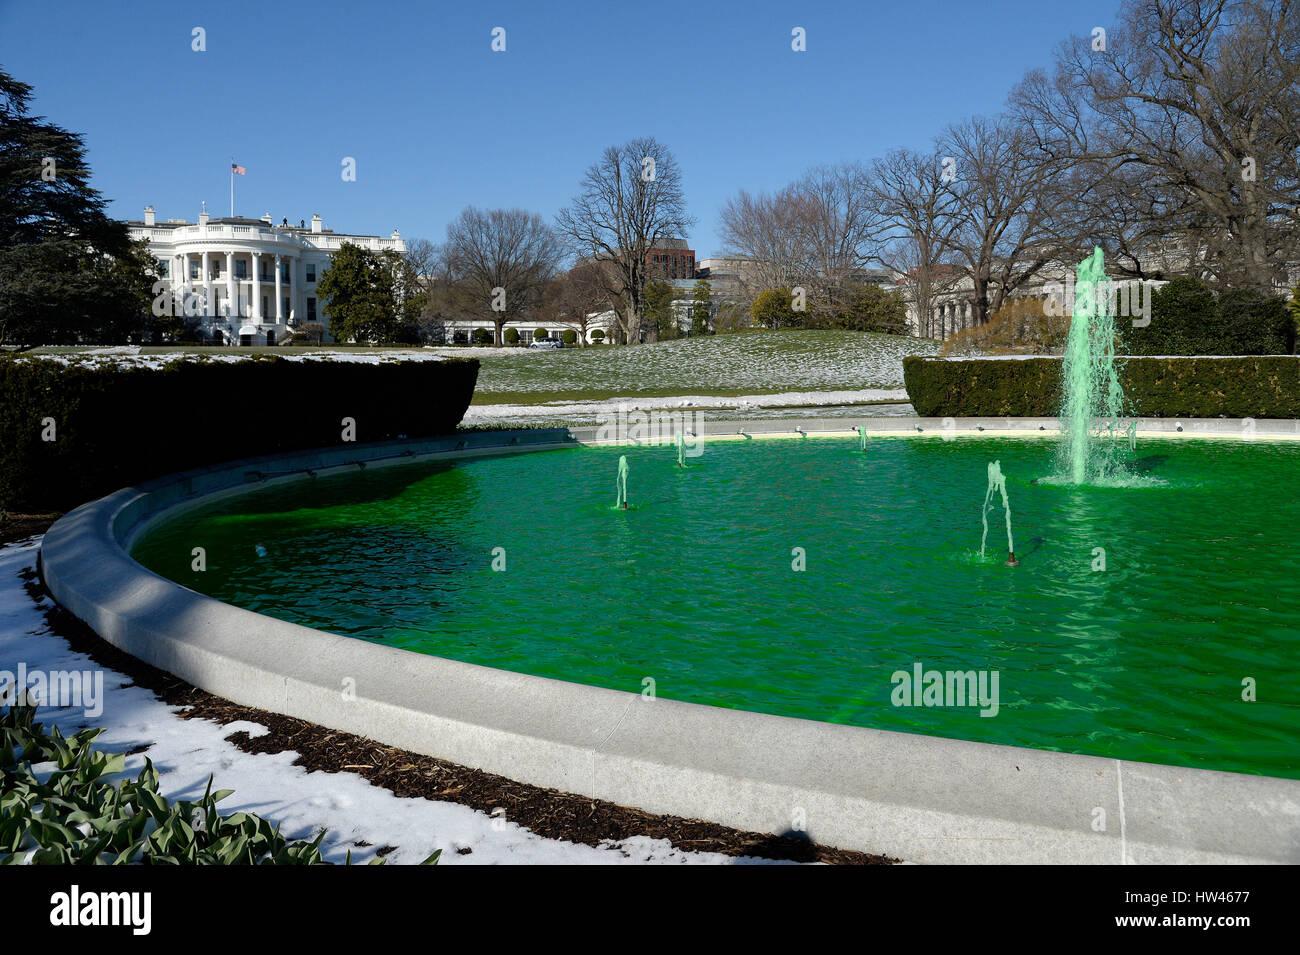 Washington, DC. Mar 16, 2017. Fontaine sur le côté sud de la Maison Blanche est teint en vert pour la Photo Stock